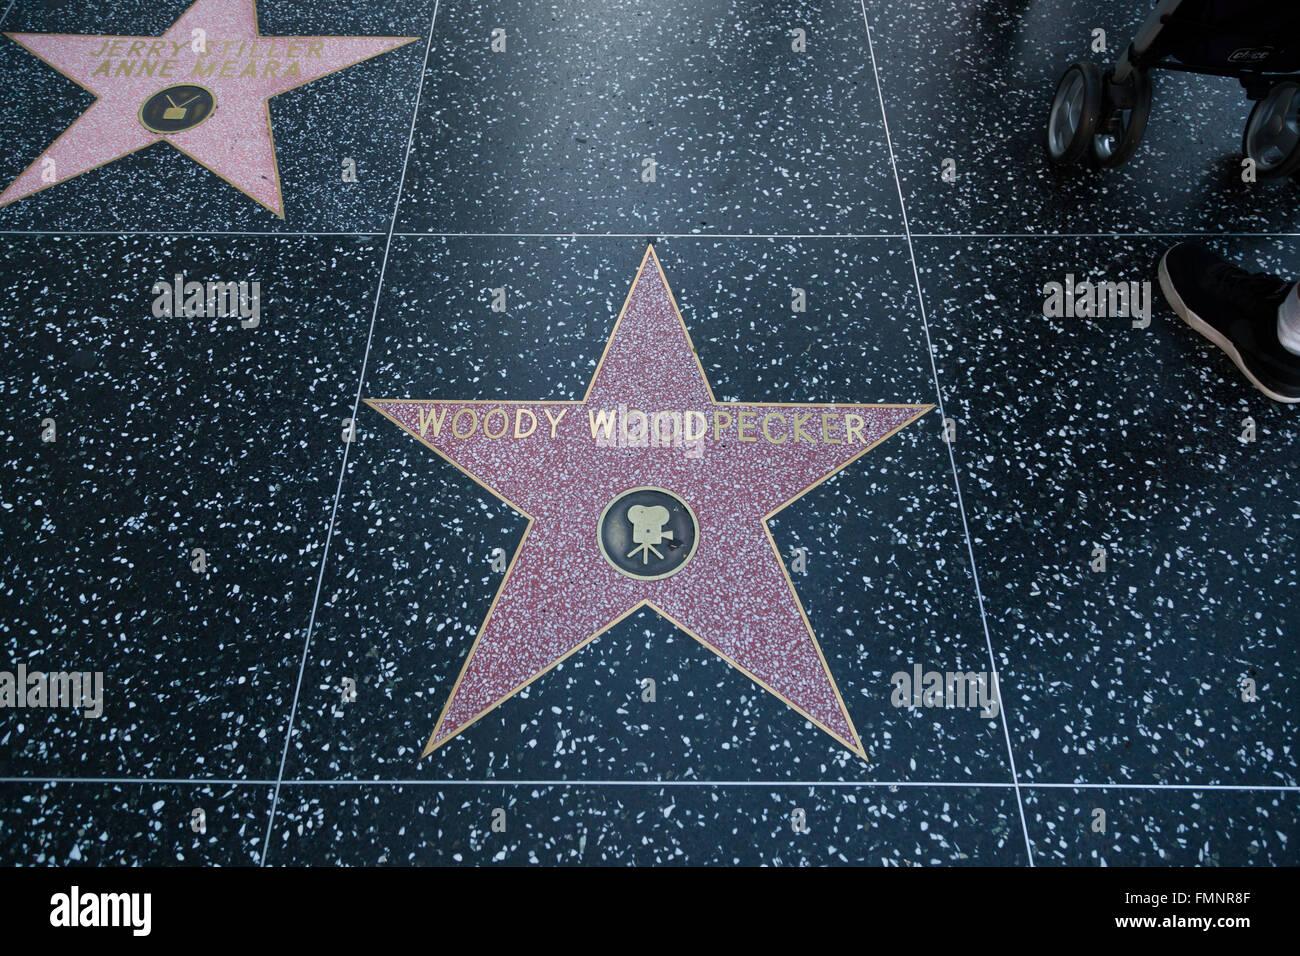 HOLLYWOOD, Kalifornien - 8. Februar 2015: Woody Woodpecker Hollywood Walk of Fame Stern am 8. Februar 2015 in Hollywood, Stockbild